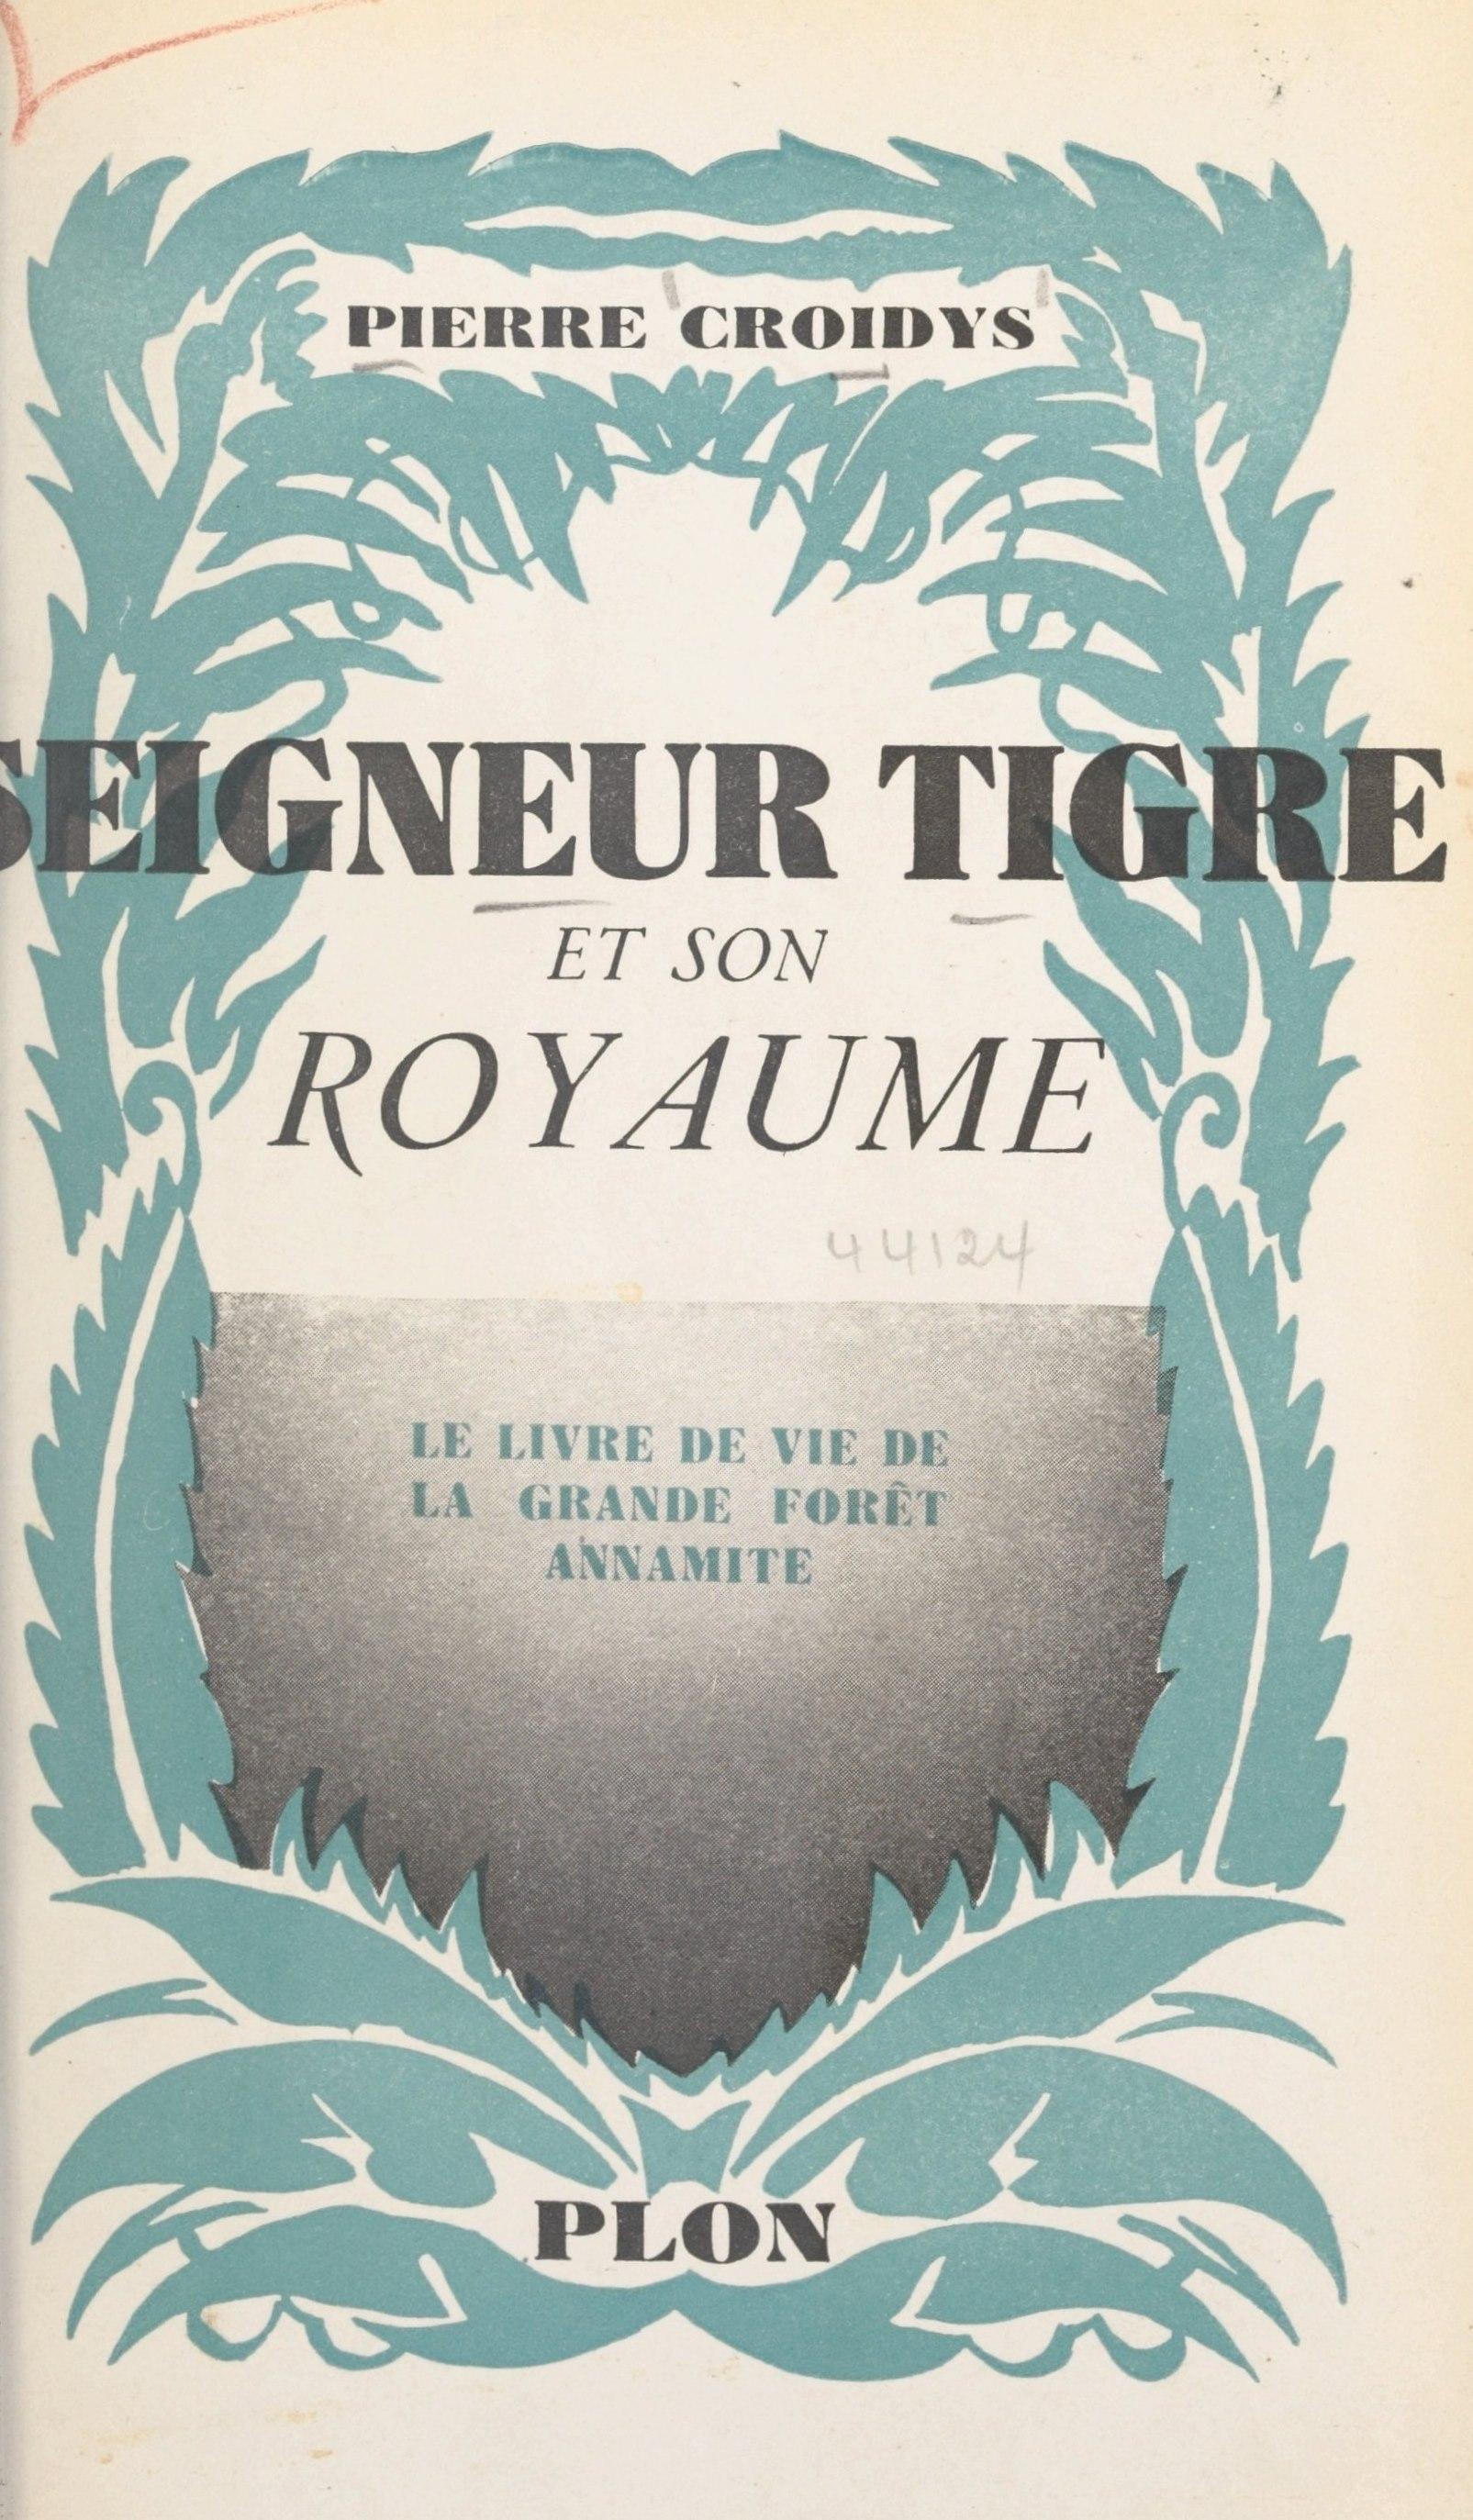 Seigneur tigre et son royaume